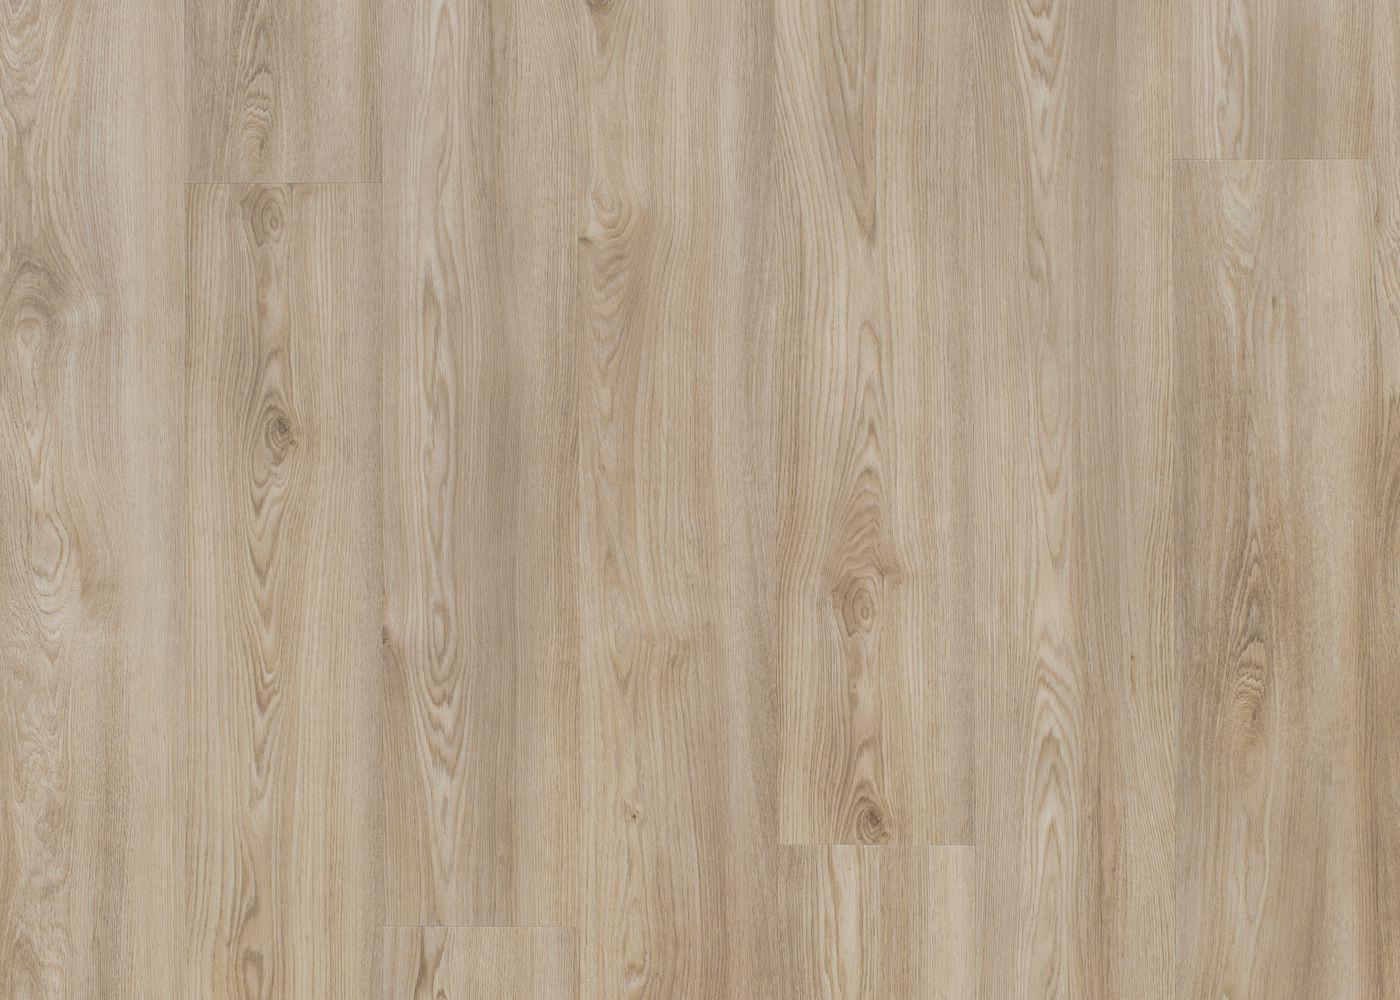 Lames vinyles passage residentiel clipsable 40 monolame g4 décor Chêne columbian 693m - couche d'usure 0,4mm Passage résidentiel